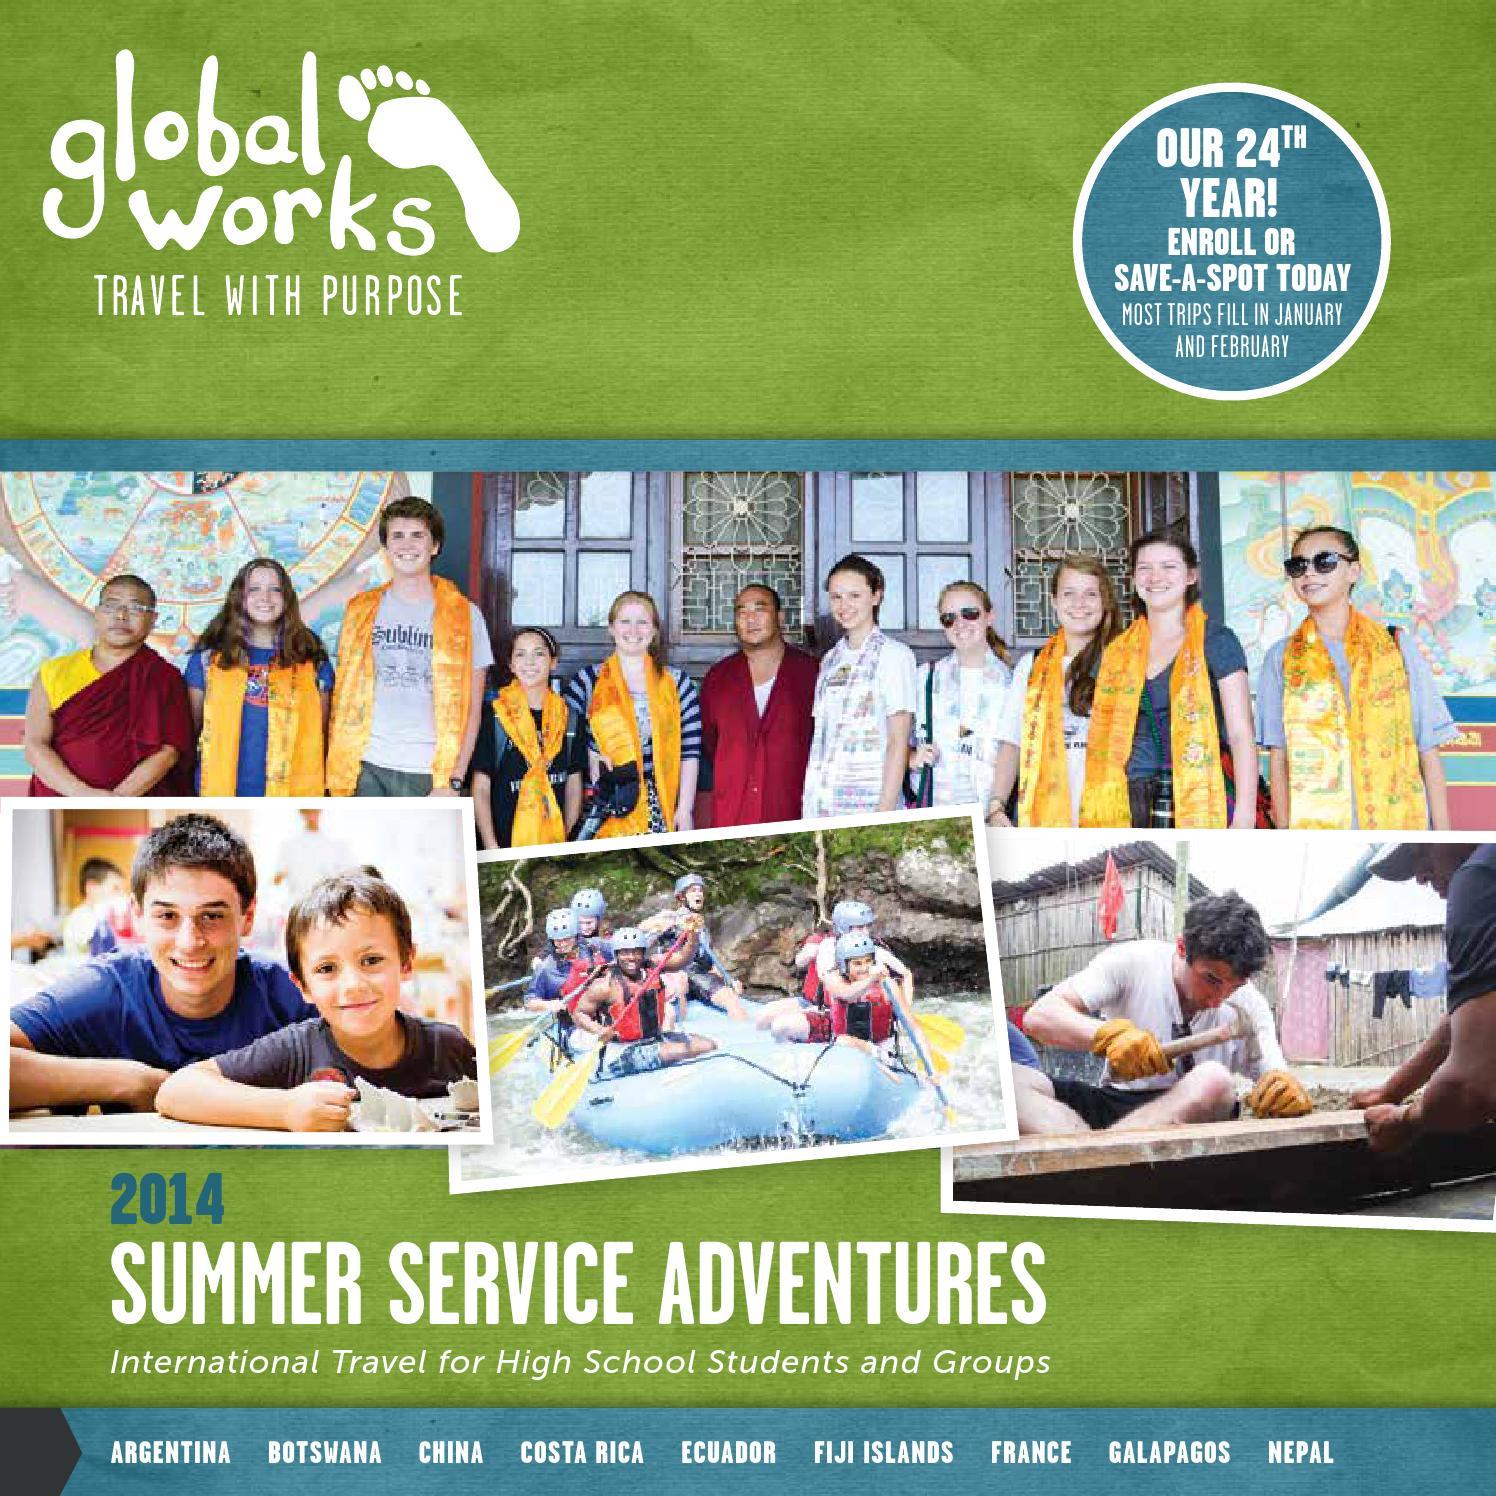 Global Works Travel 2017 Summer Service